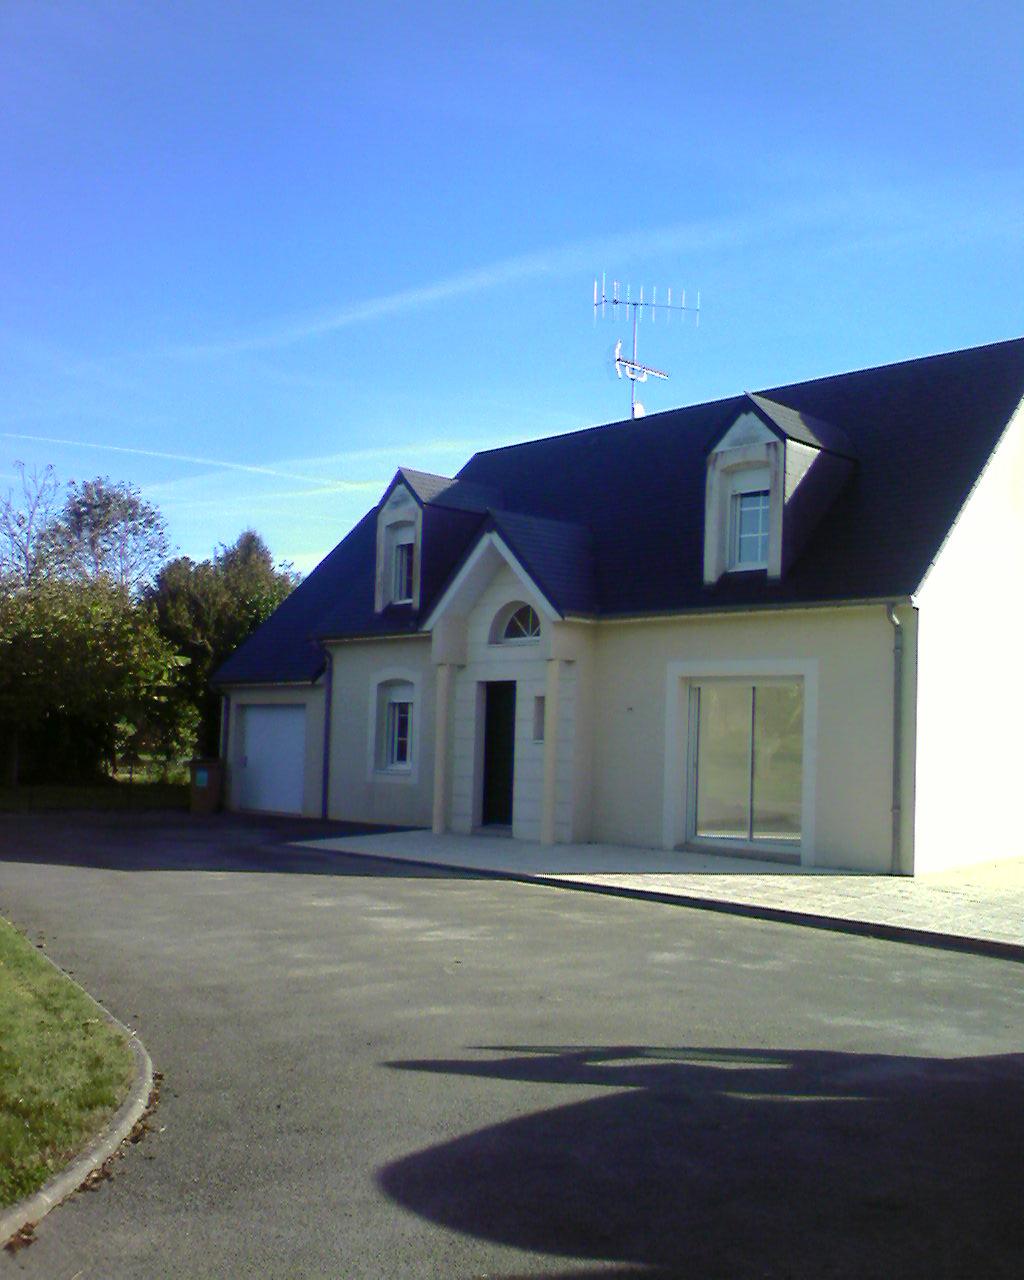 Ma nouvelle maison tout le bonheur du monde 2 0 for Www nouvelle maison design com